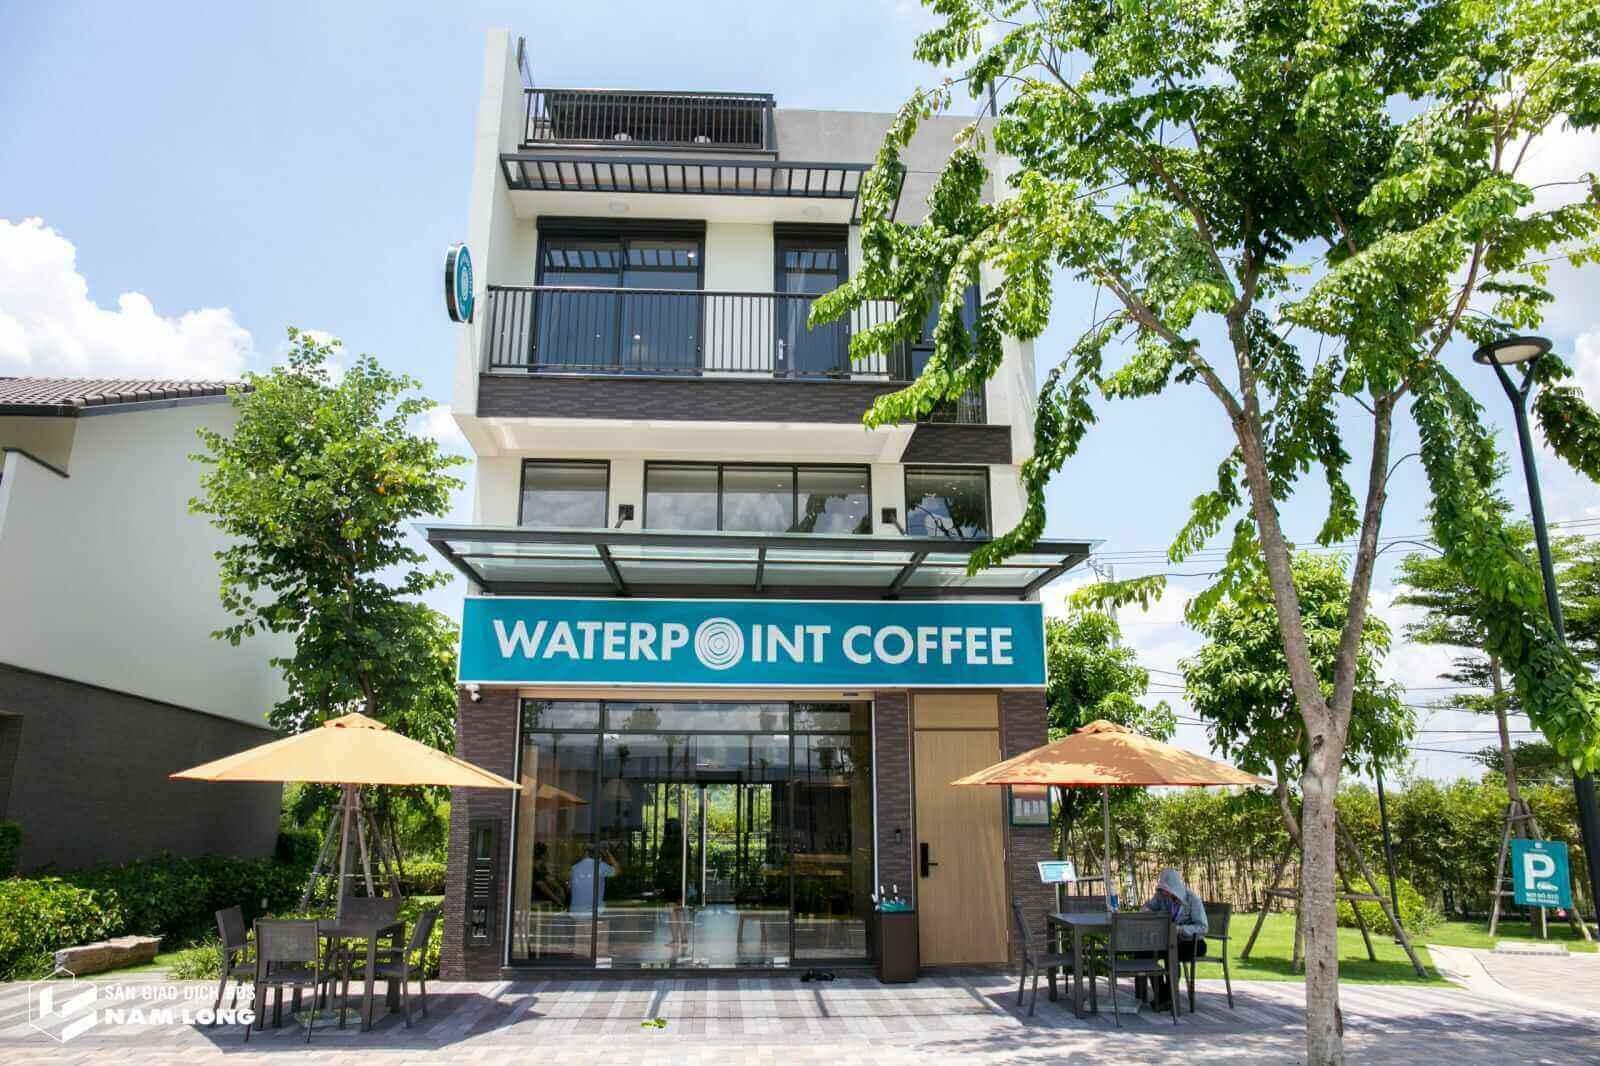 Mua nhà phố thương mại Shophouse Waterpoint tại Nam Long sẽ có nhiều ưu đãi bất ngờ!